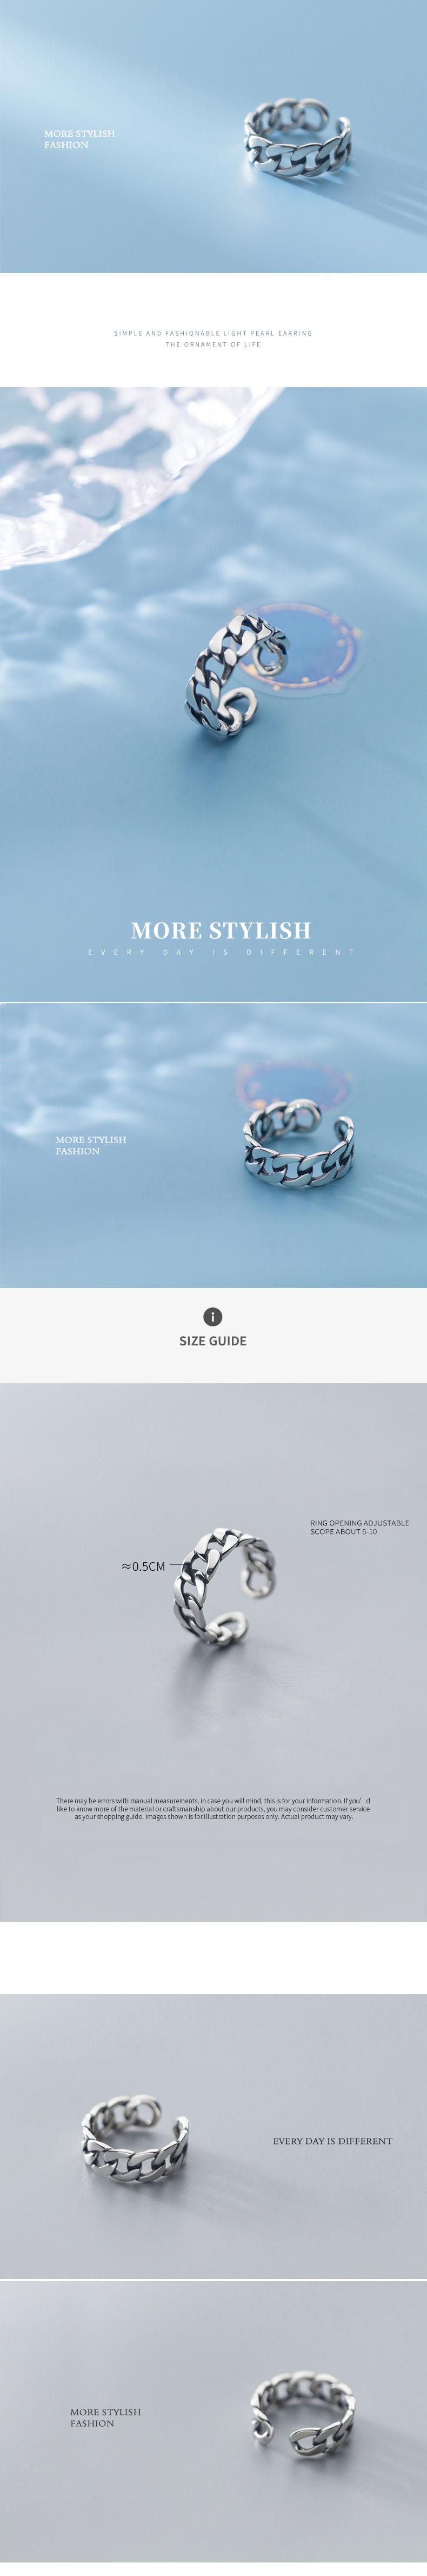 Leouerry Стерлинговое Серебро 925 пробы широкая цепочка кольцо